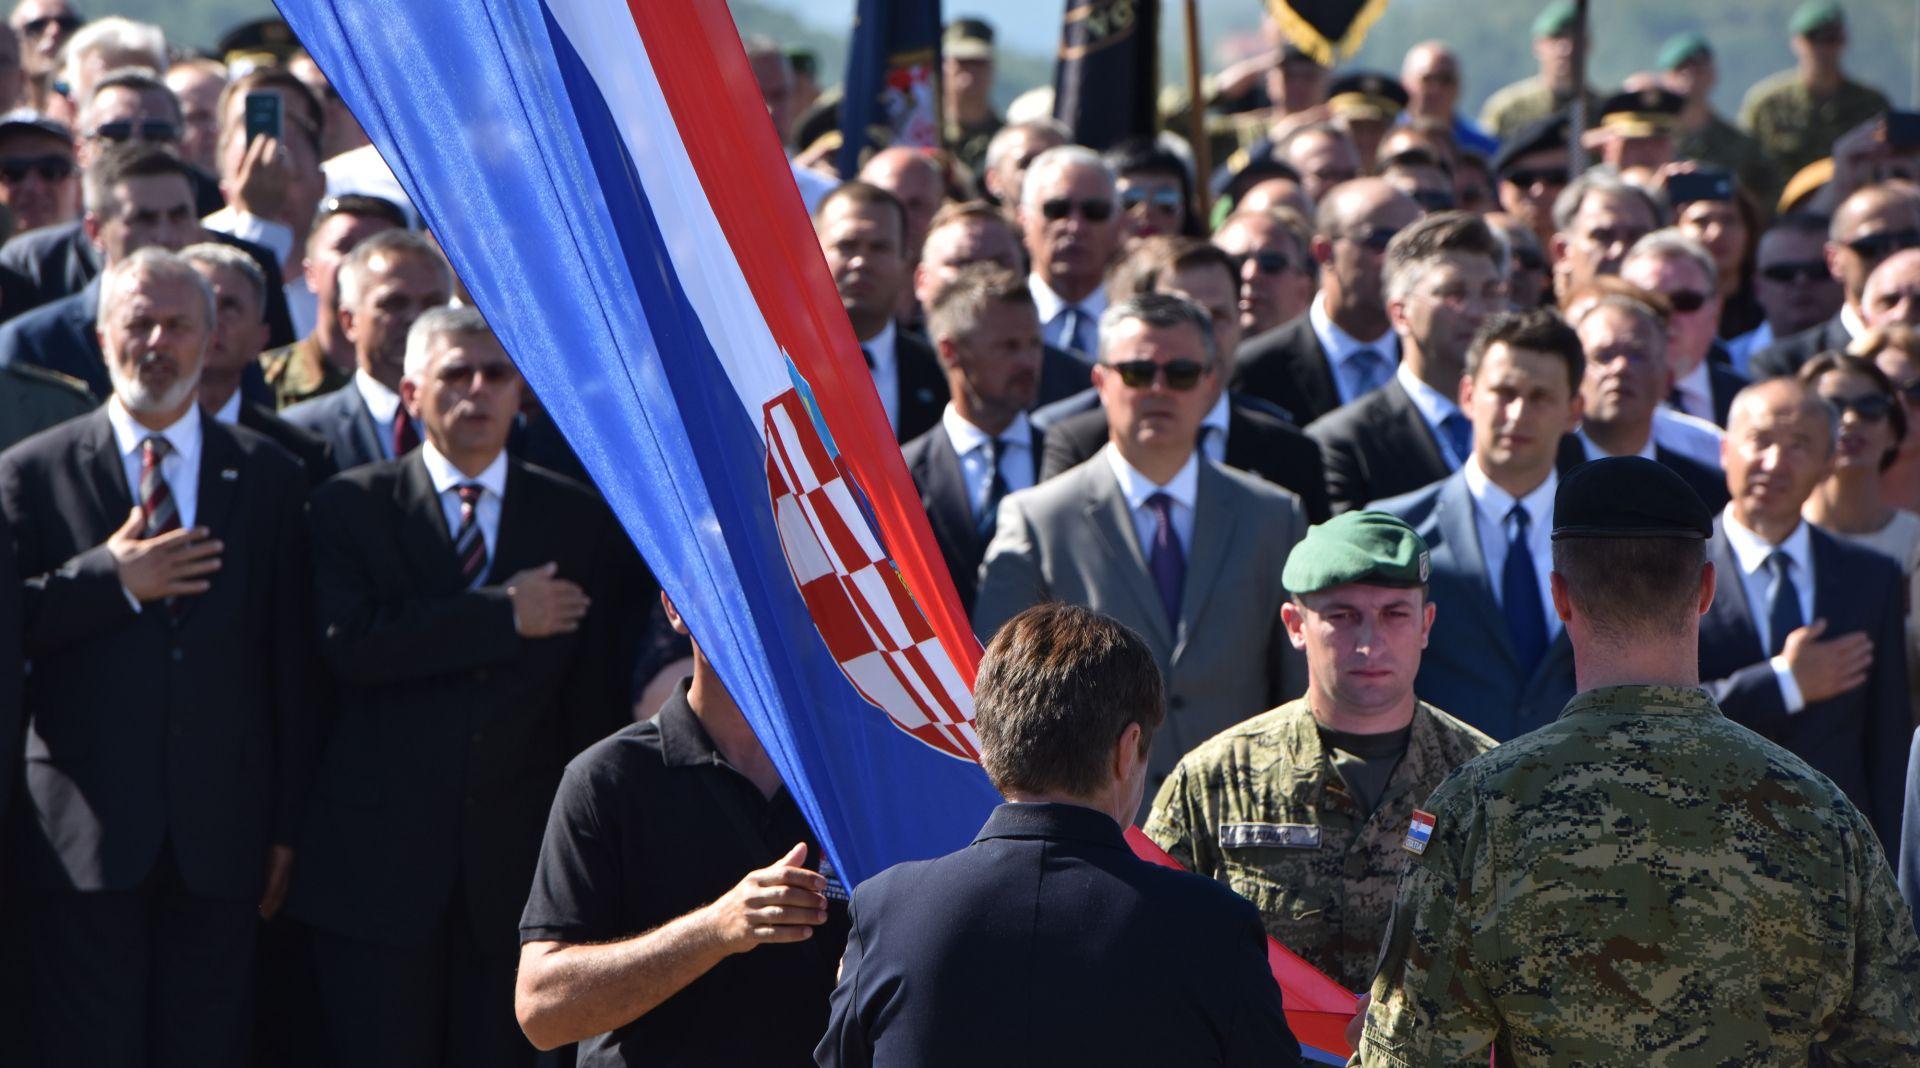 OBLJETNICA OLUJE Ministri povodom Dana pobjede i Dana branitelja: 'To su dani ponosa i slave'